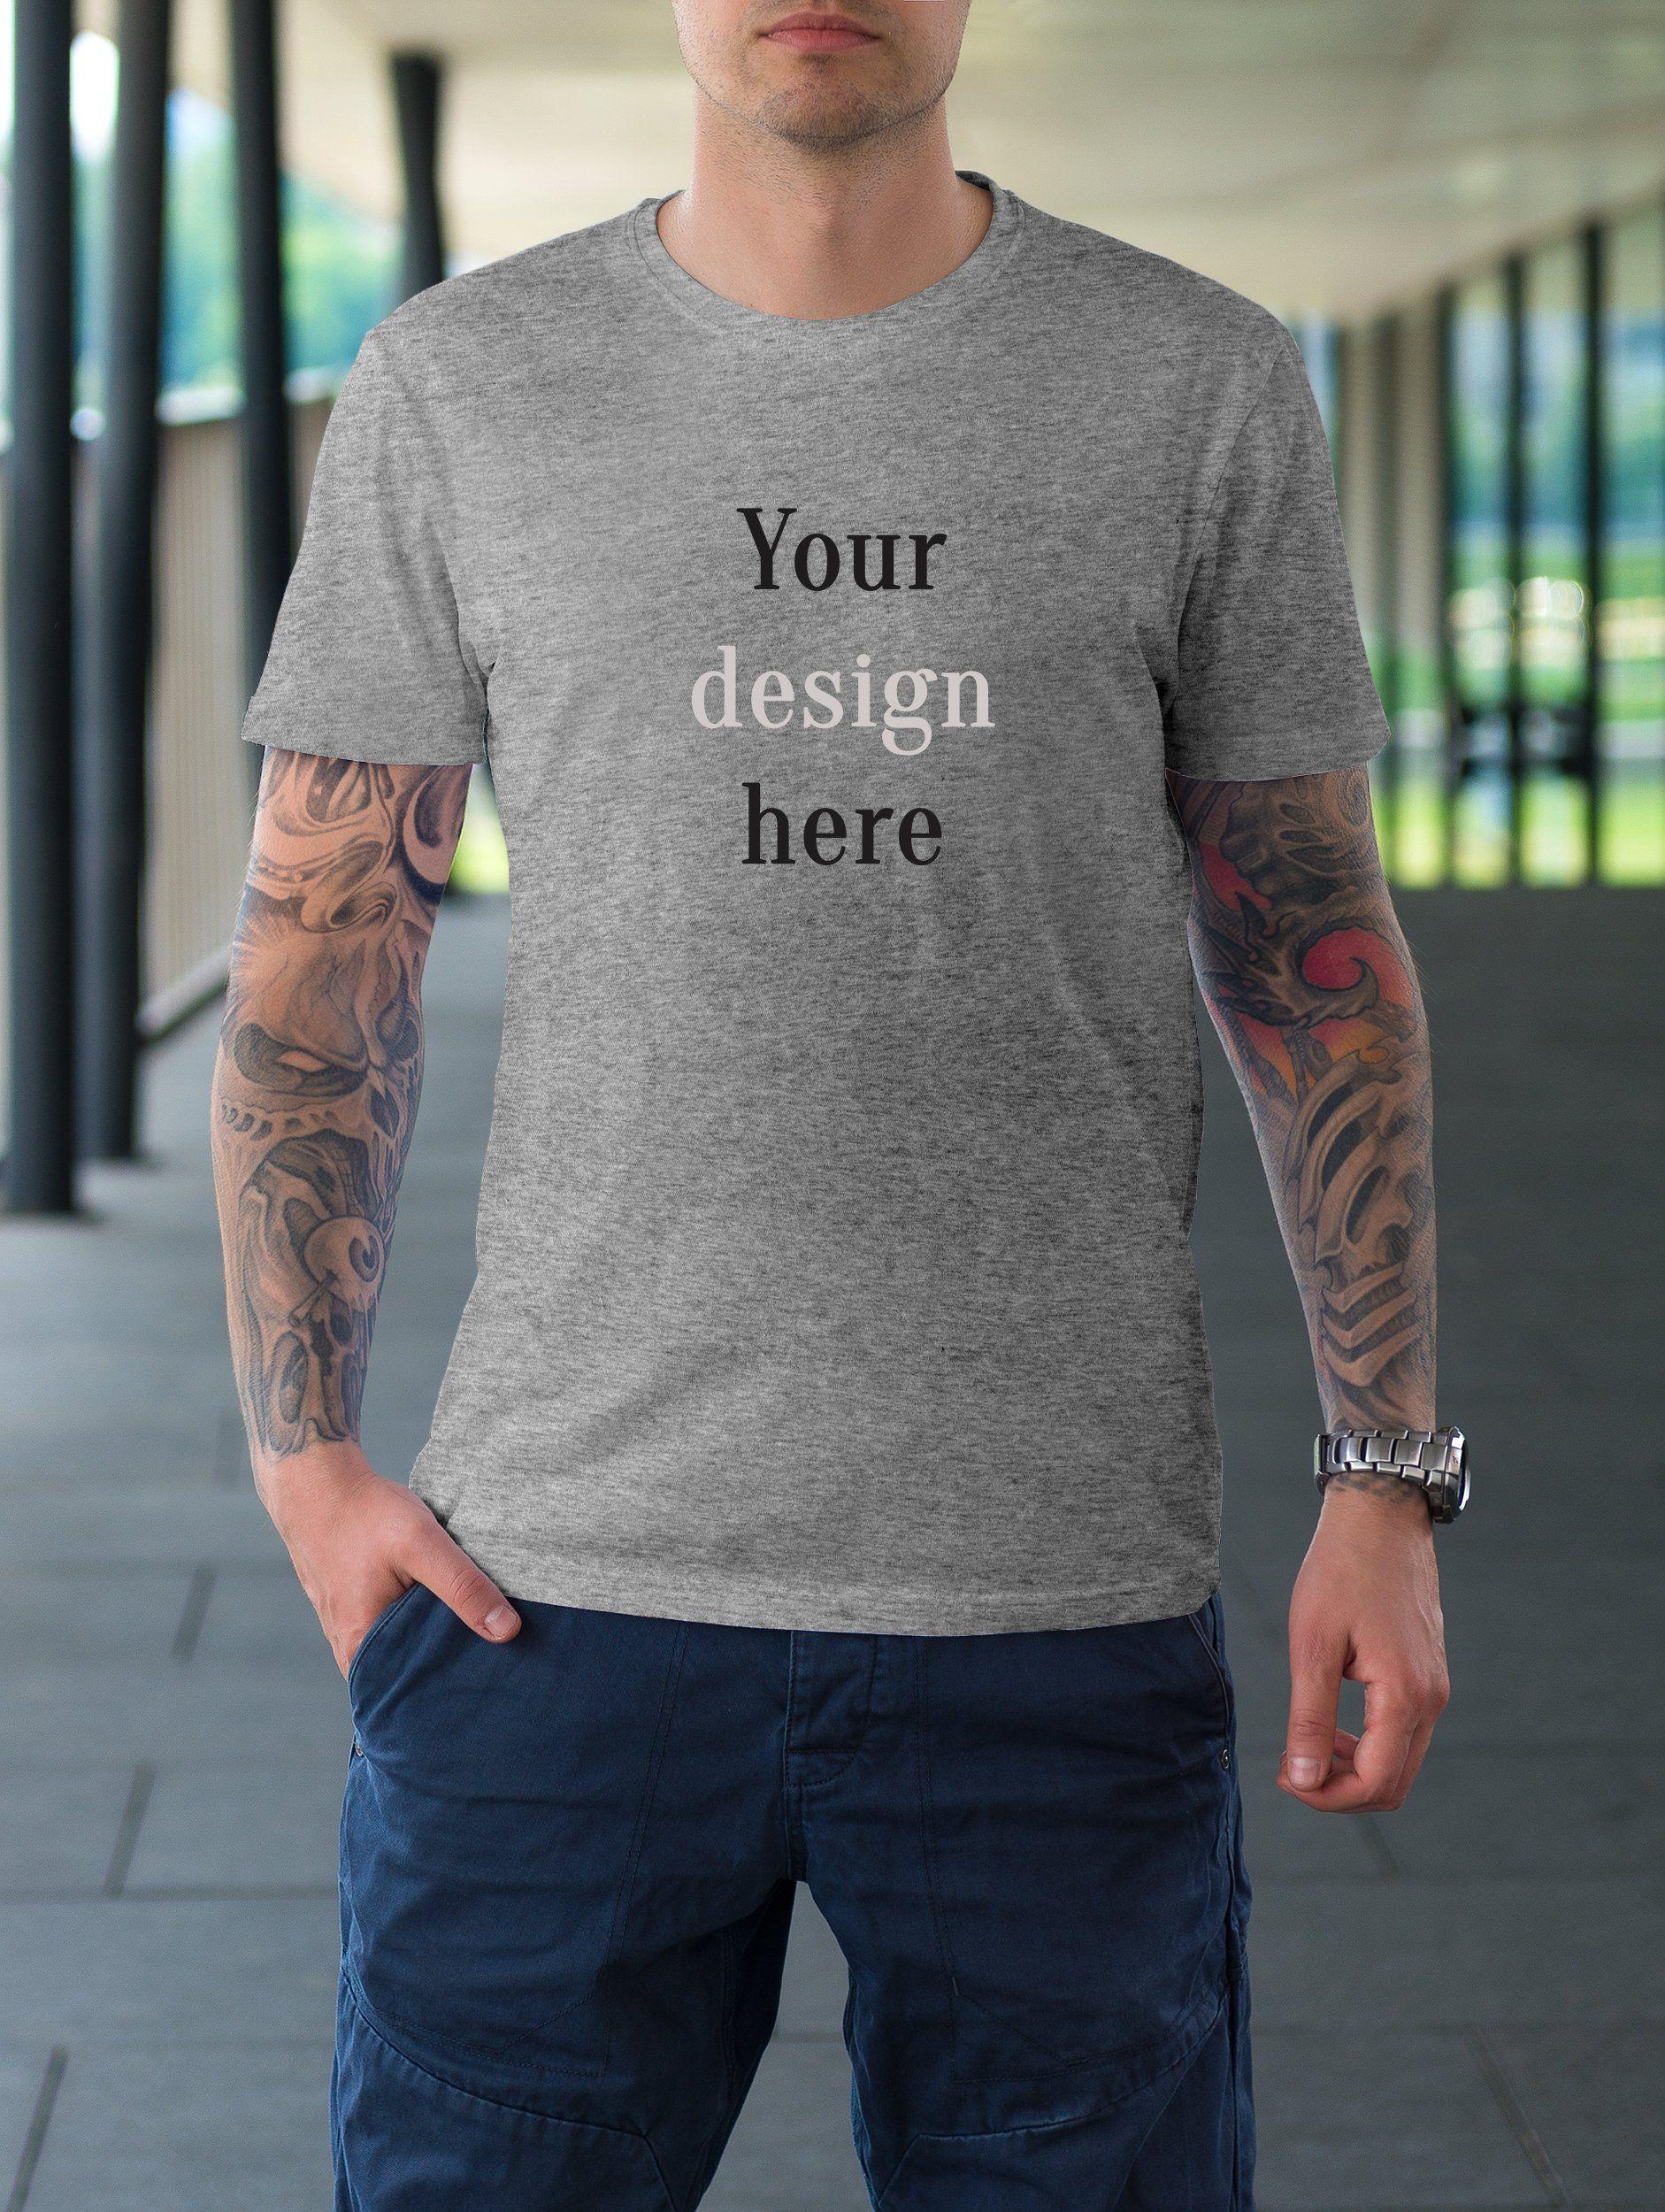 a0e5a249 Men's T-Shirt Mock-up, Gray T-Shirt Mockup, Bella Canvas 3001 Mock ...